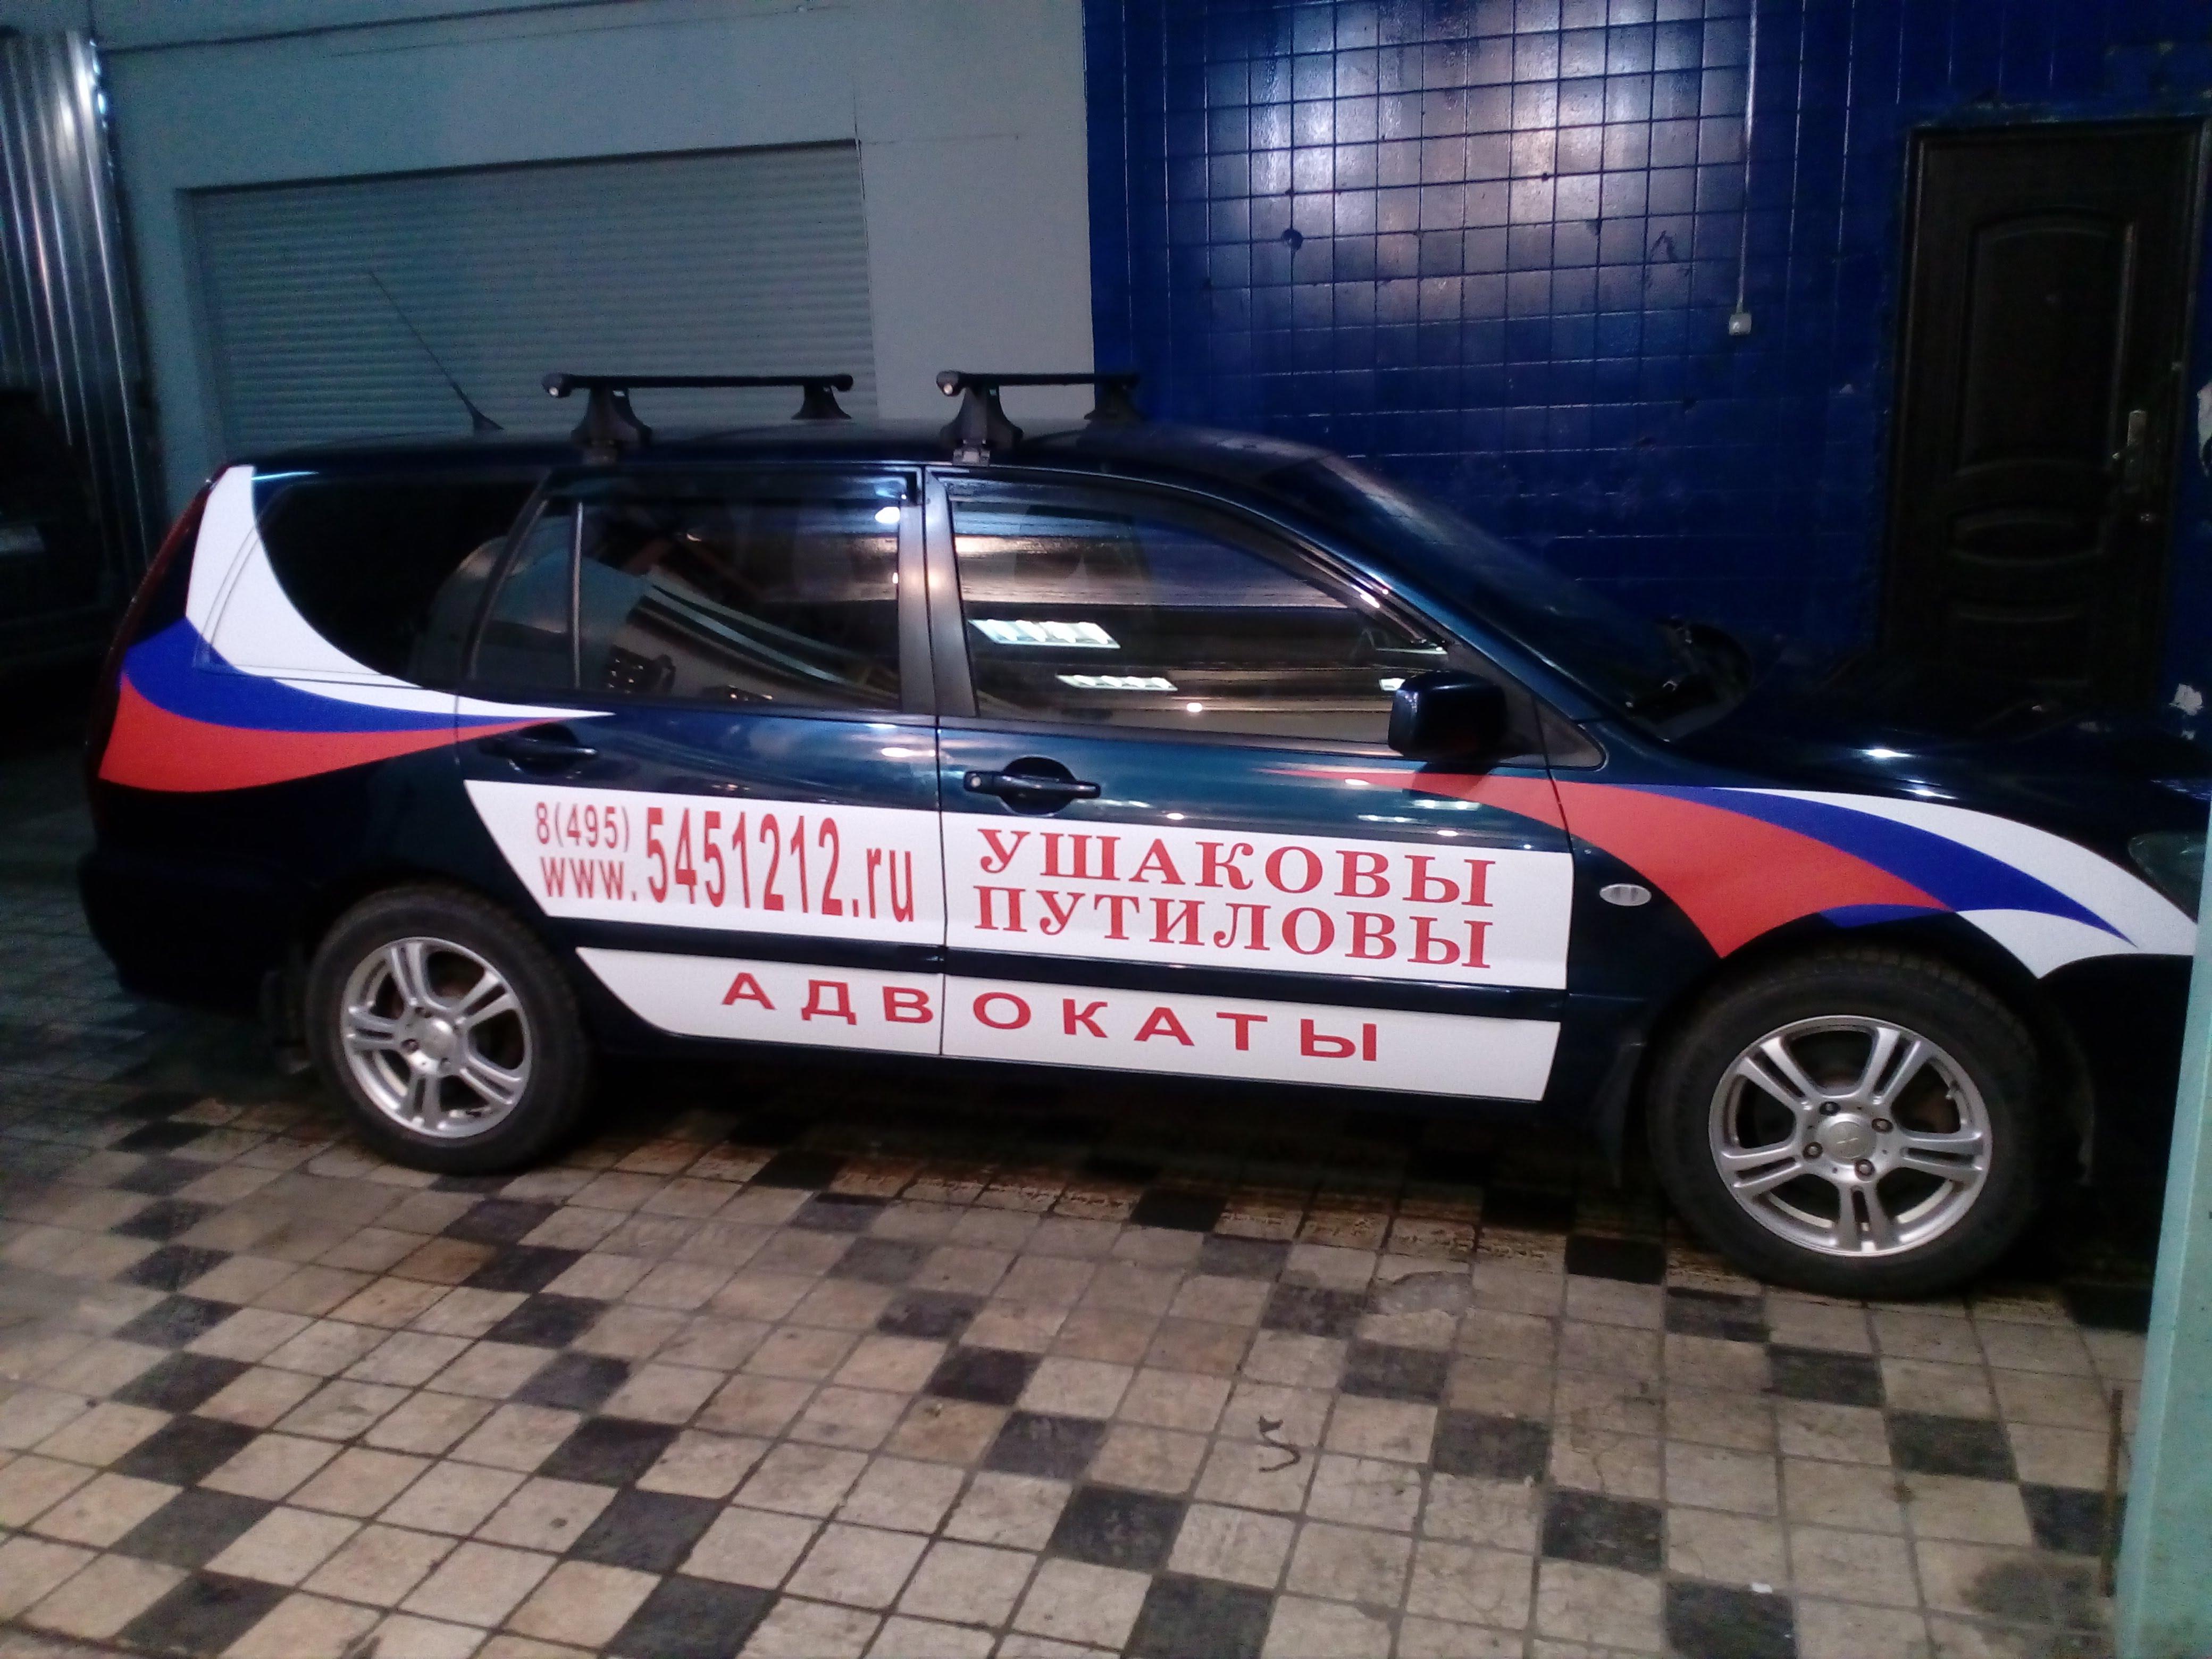 рекламные наклейки на автомобиль акаать в москве недорого